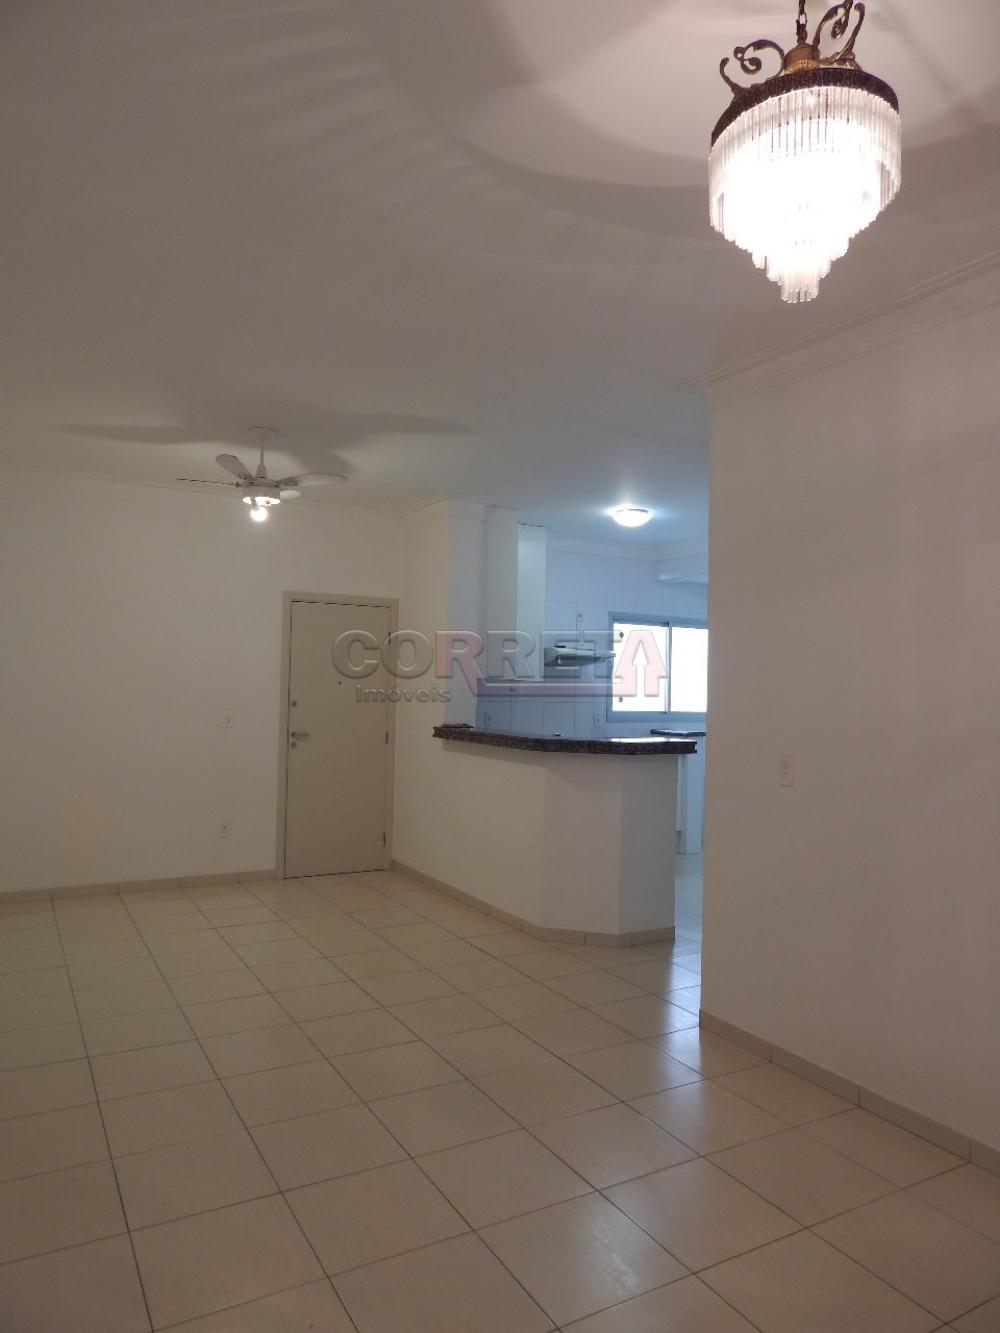 Aracatuba Apartamento Venda R$330.000,00 Condominio R$300,00 3 Dormitorios 1 Suite Area construida 91.00m2